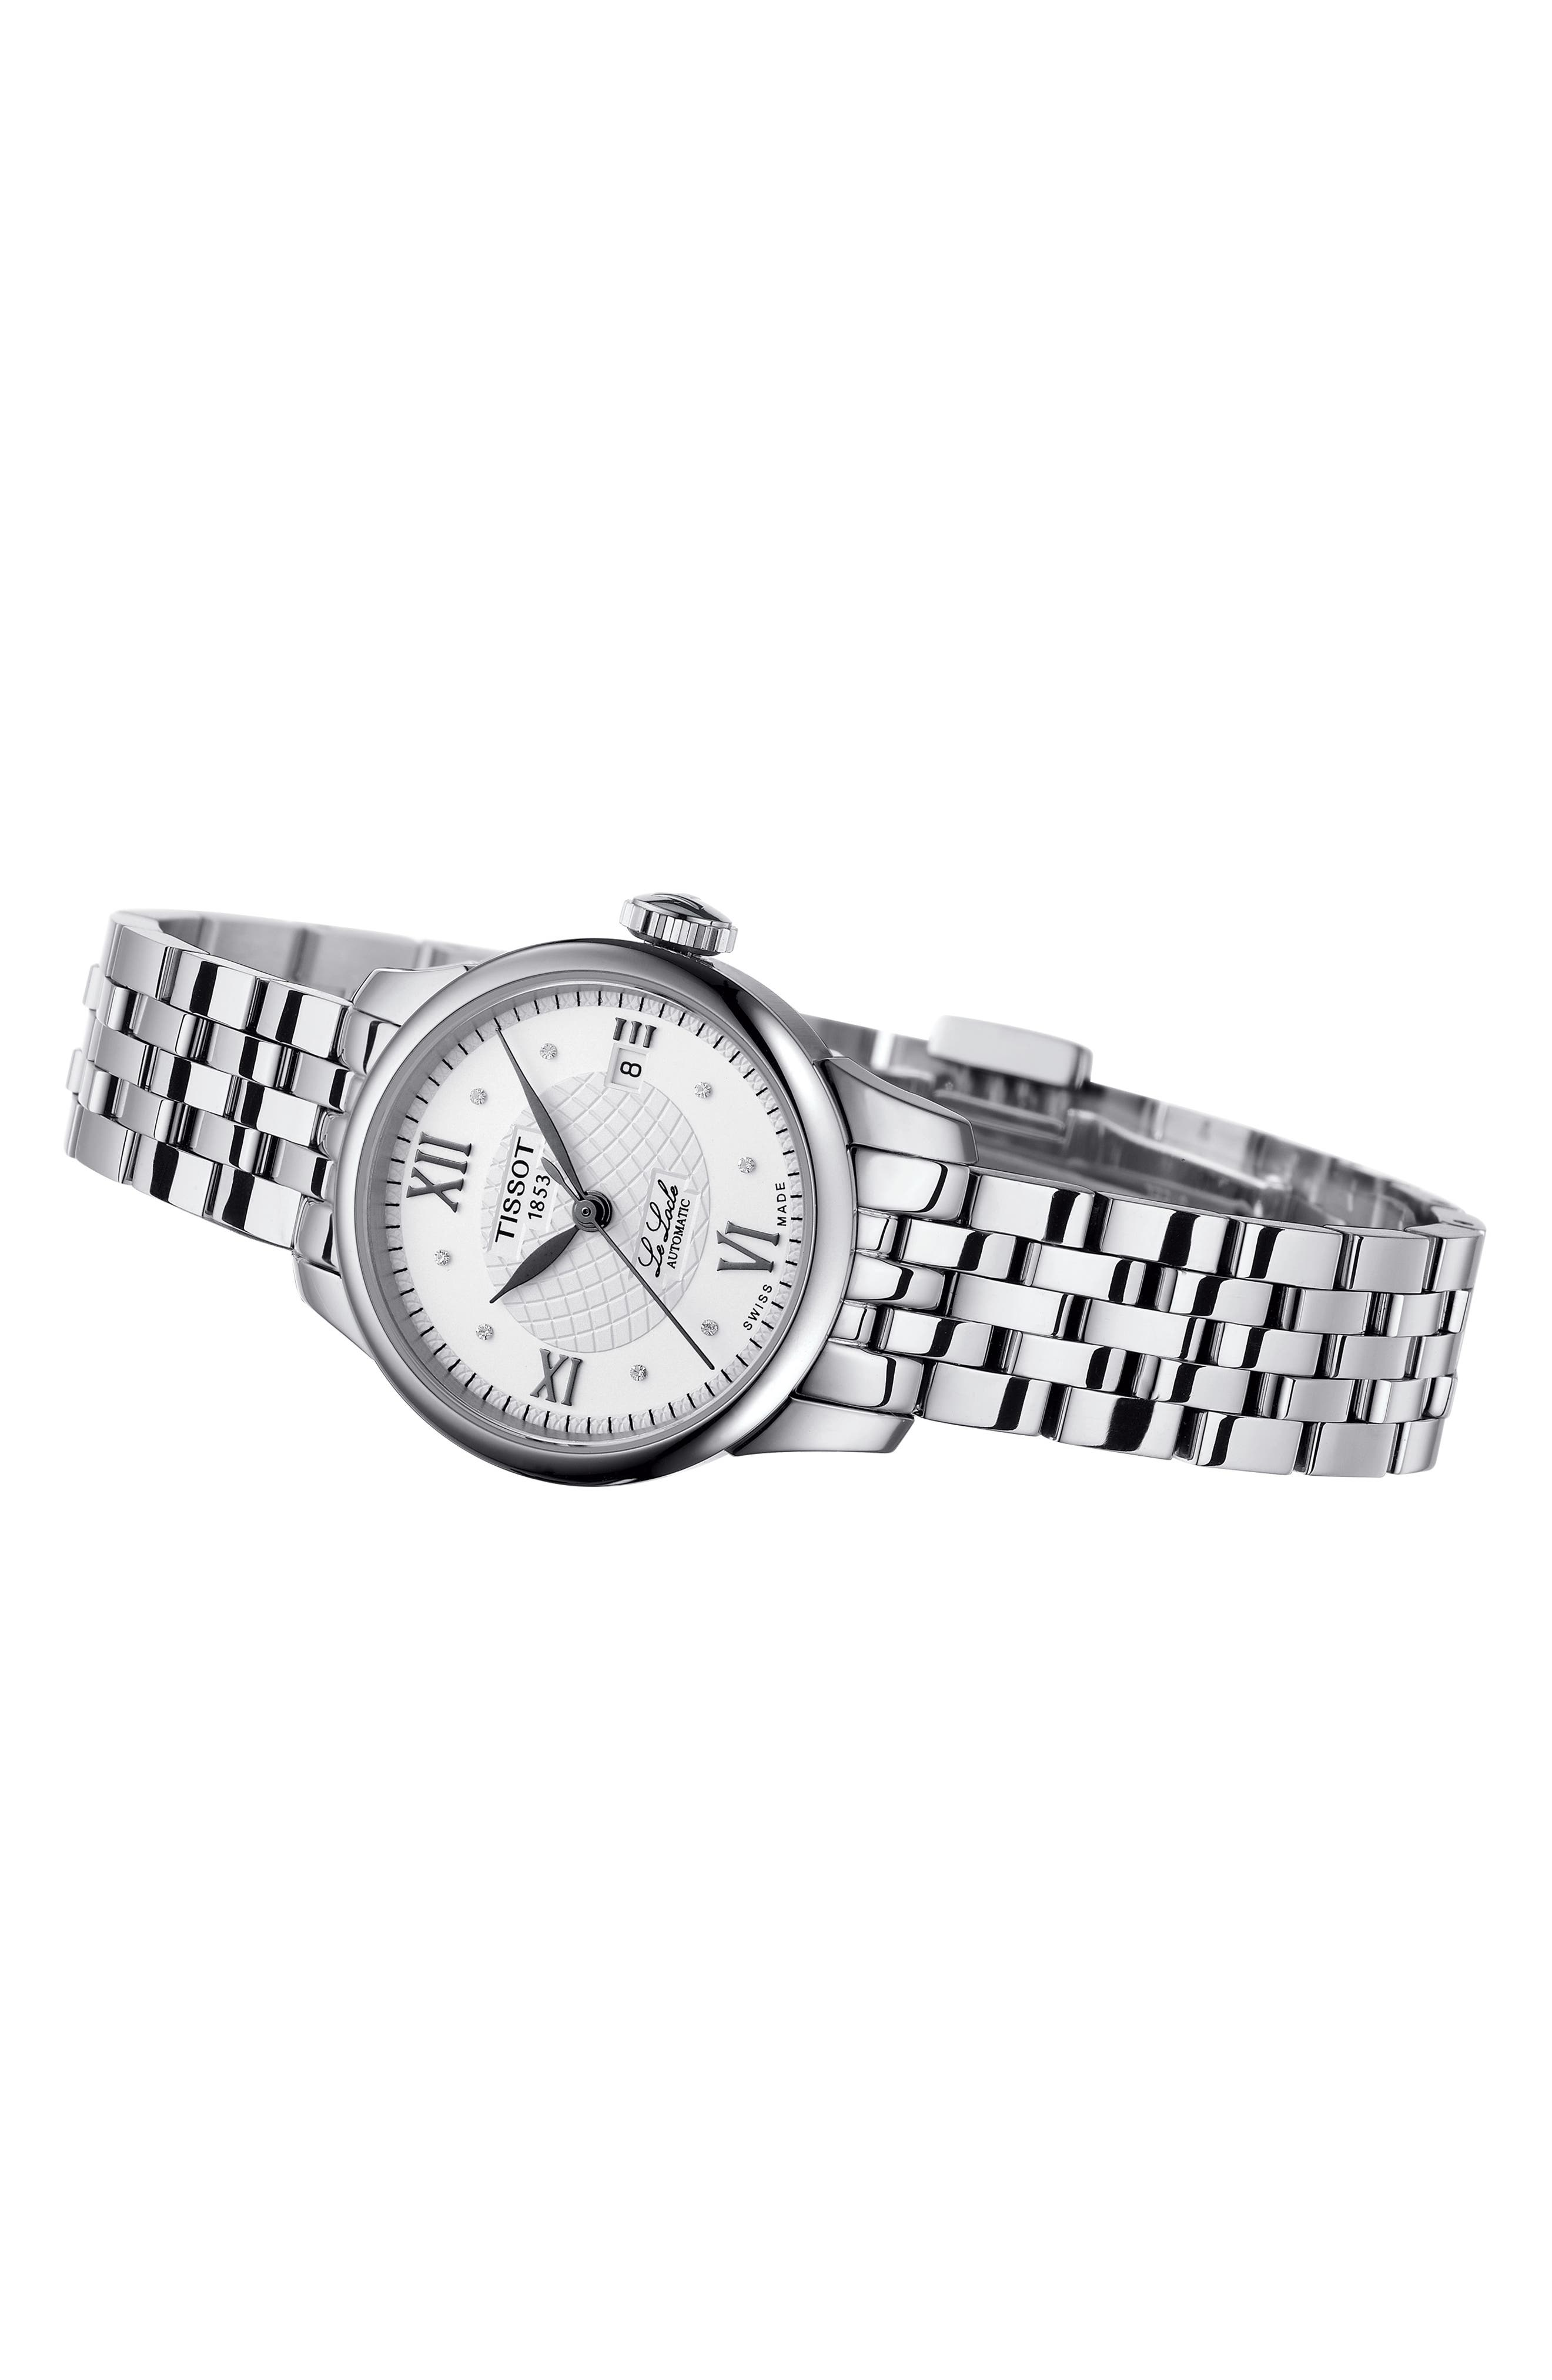 TISSOT,                             Le Locle Automatic Bracelet Watch, 25mm,                             Alternate thumbnail 2, color,                             SILVER